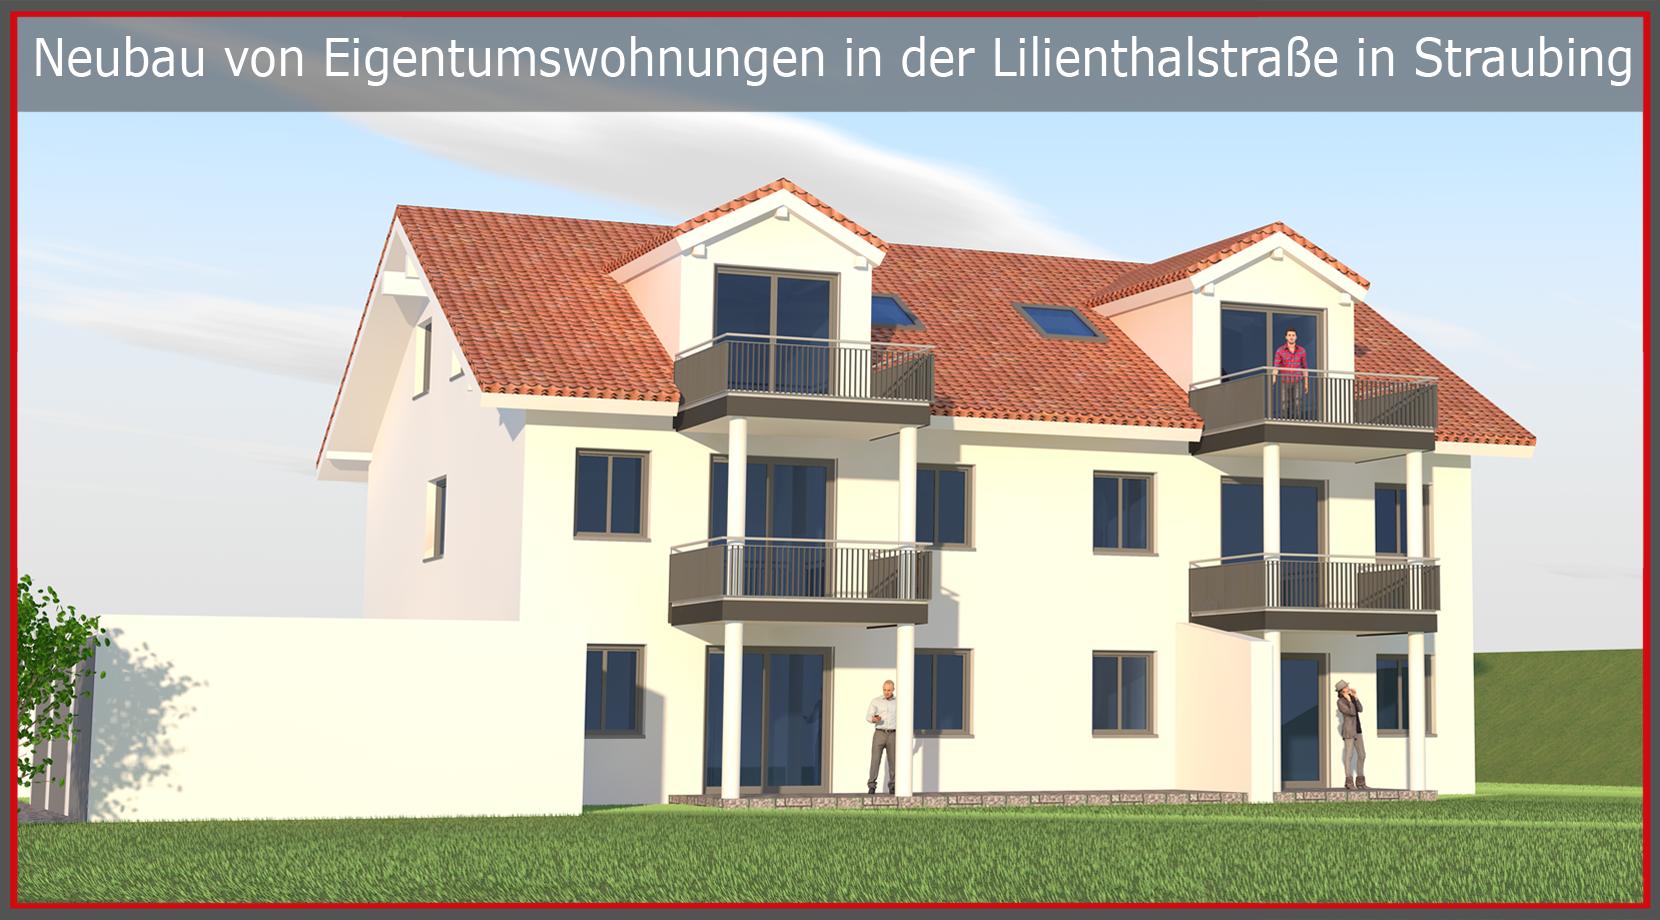 Eigentumswohnung in 5-Familienhaus (W012) in Straubing – Lilienthalstraße